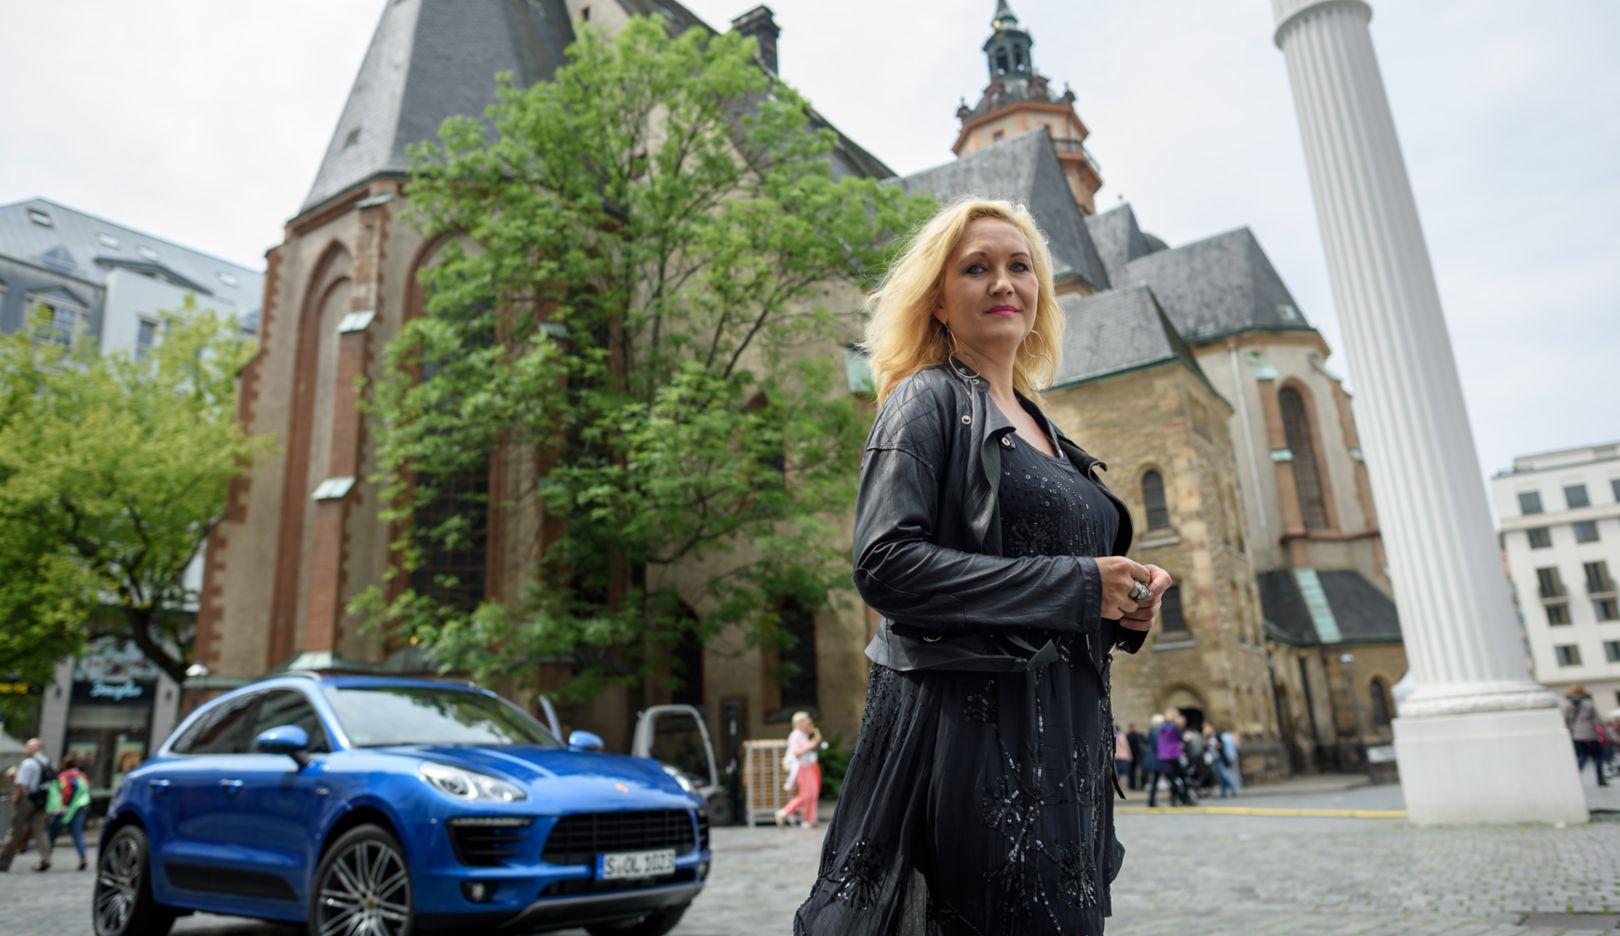 Sopranistin Simone Kermes, Leipzig, 2016, Porsche AG